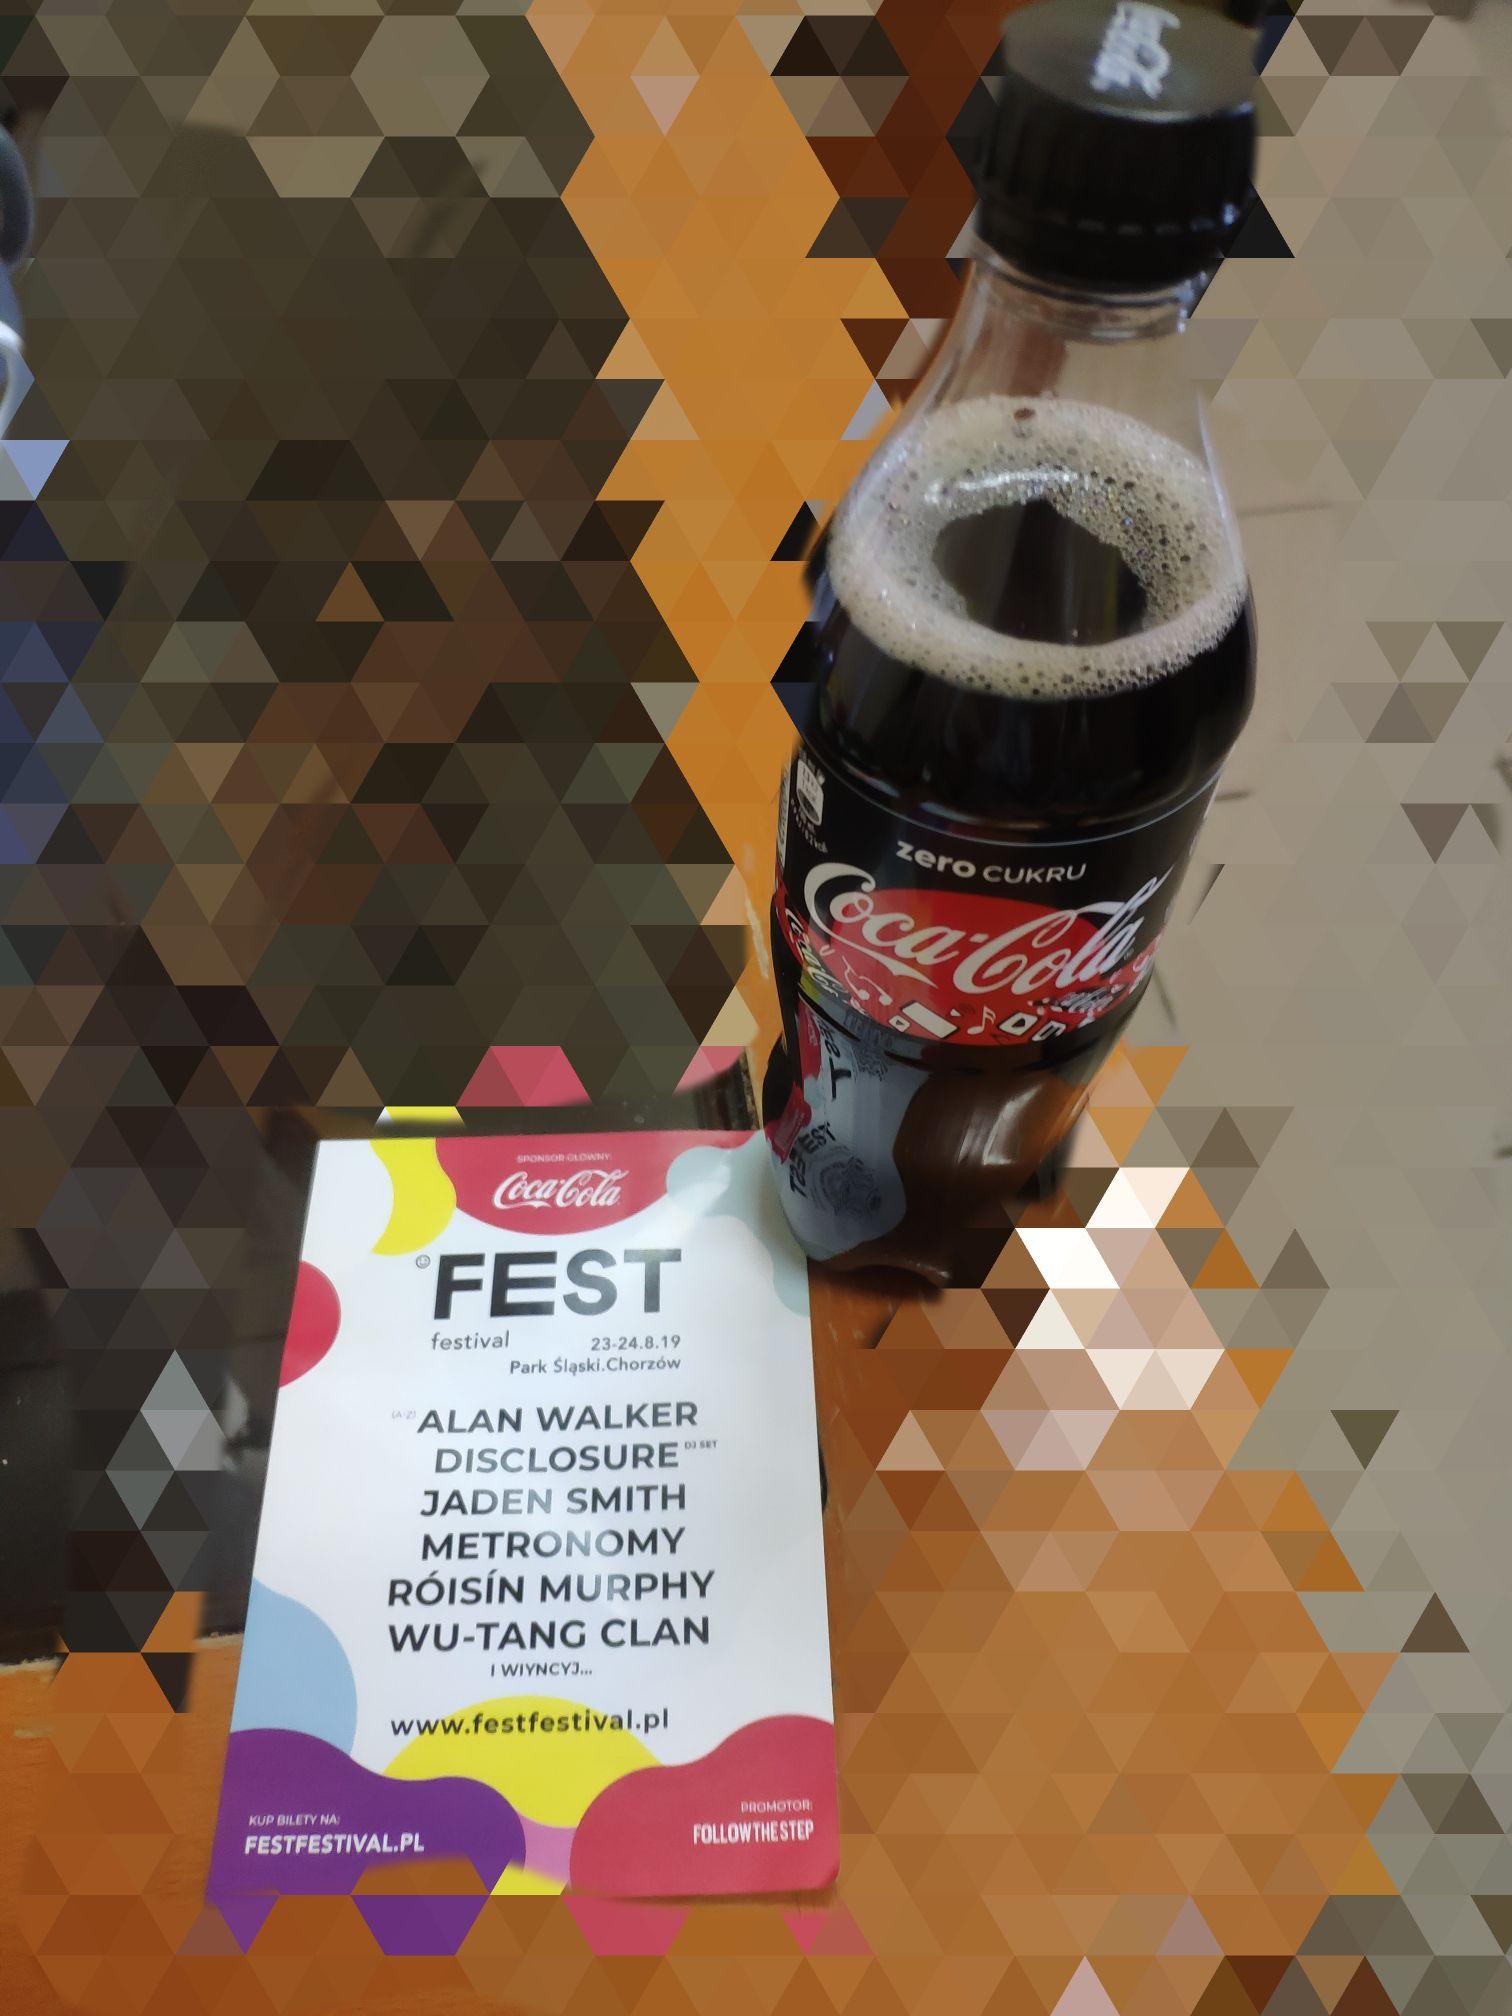 Darmowa Coca-Cola zero UE Katowice